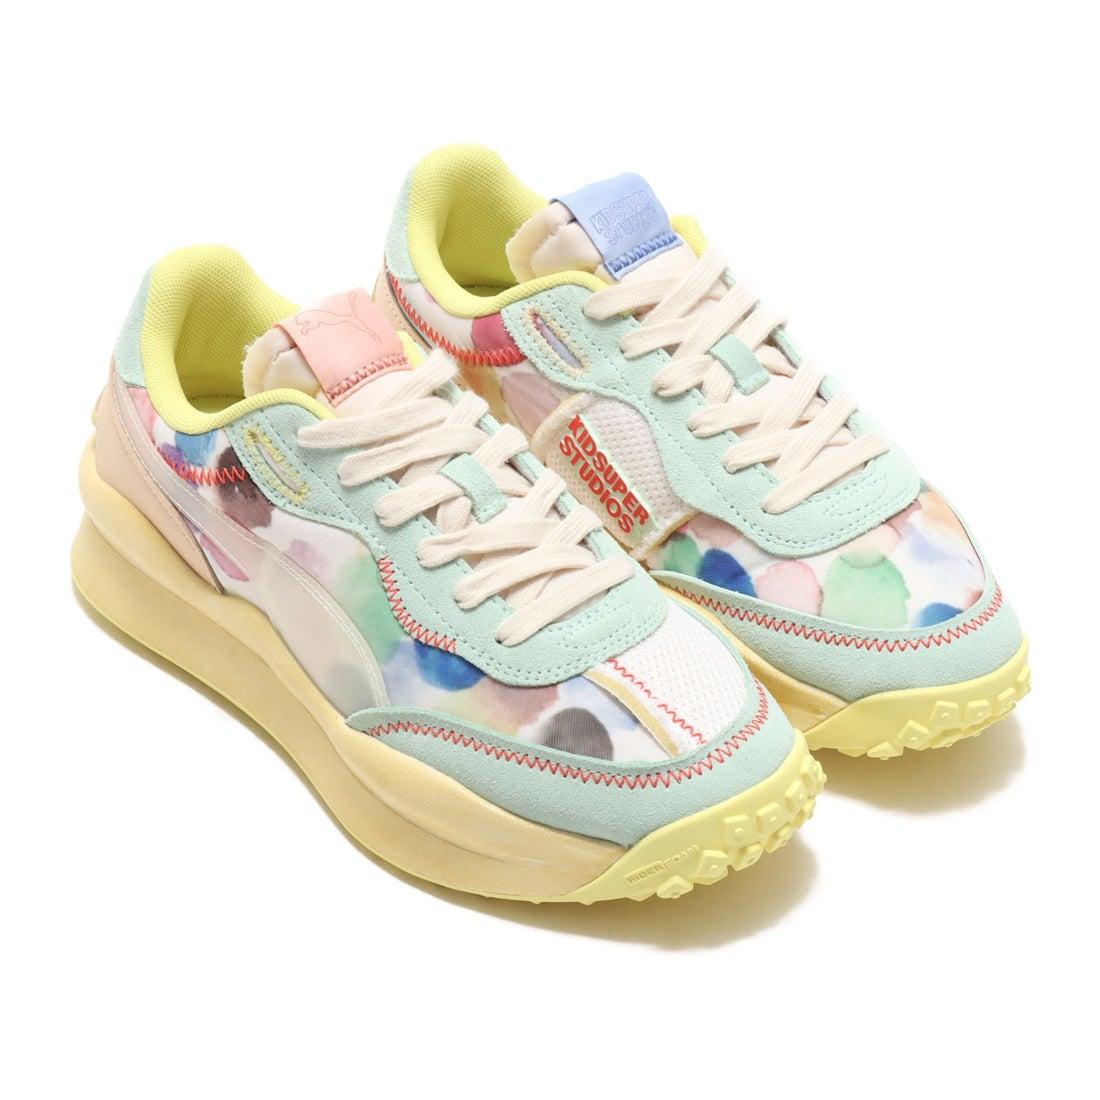 ロコンド 靴とファッションの通販サイトプーマ PUMA STYLE RIDER KIDSUPER (WHITE)